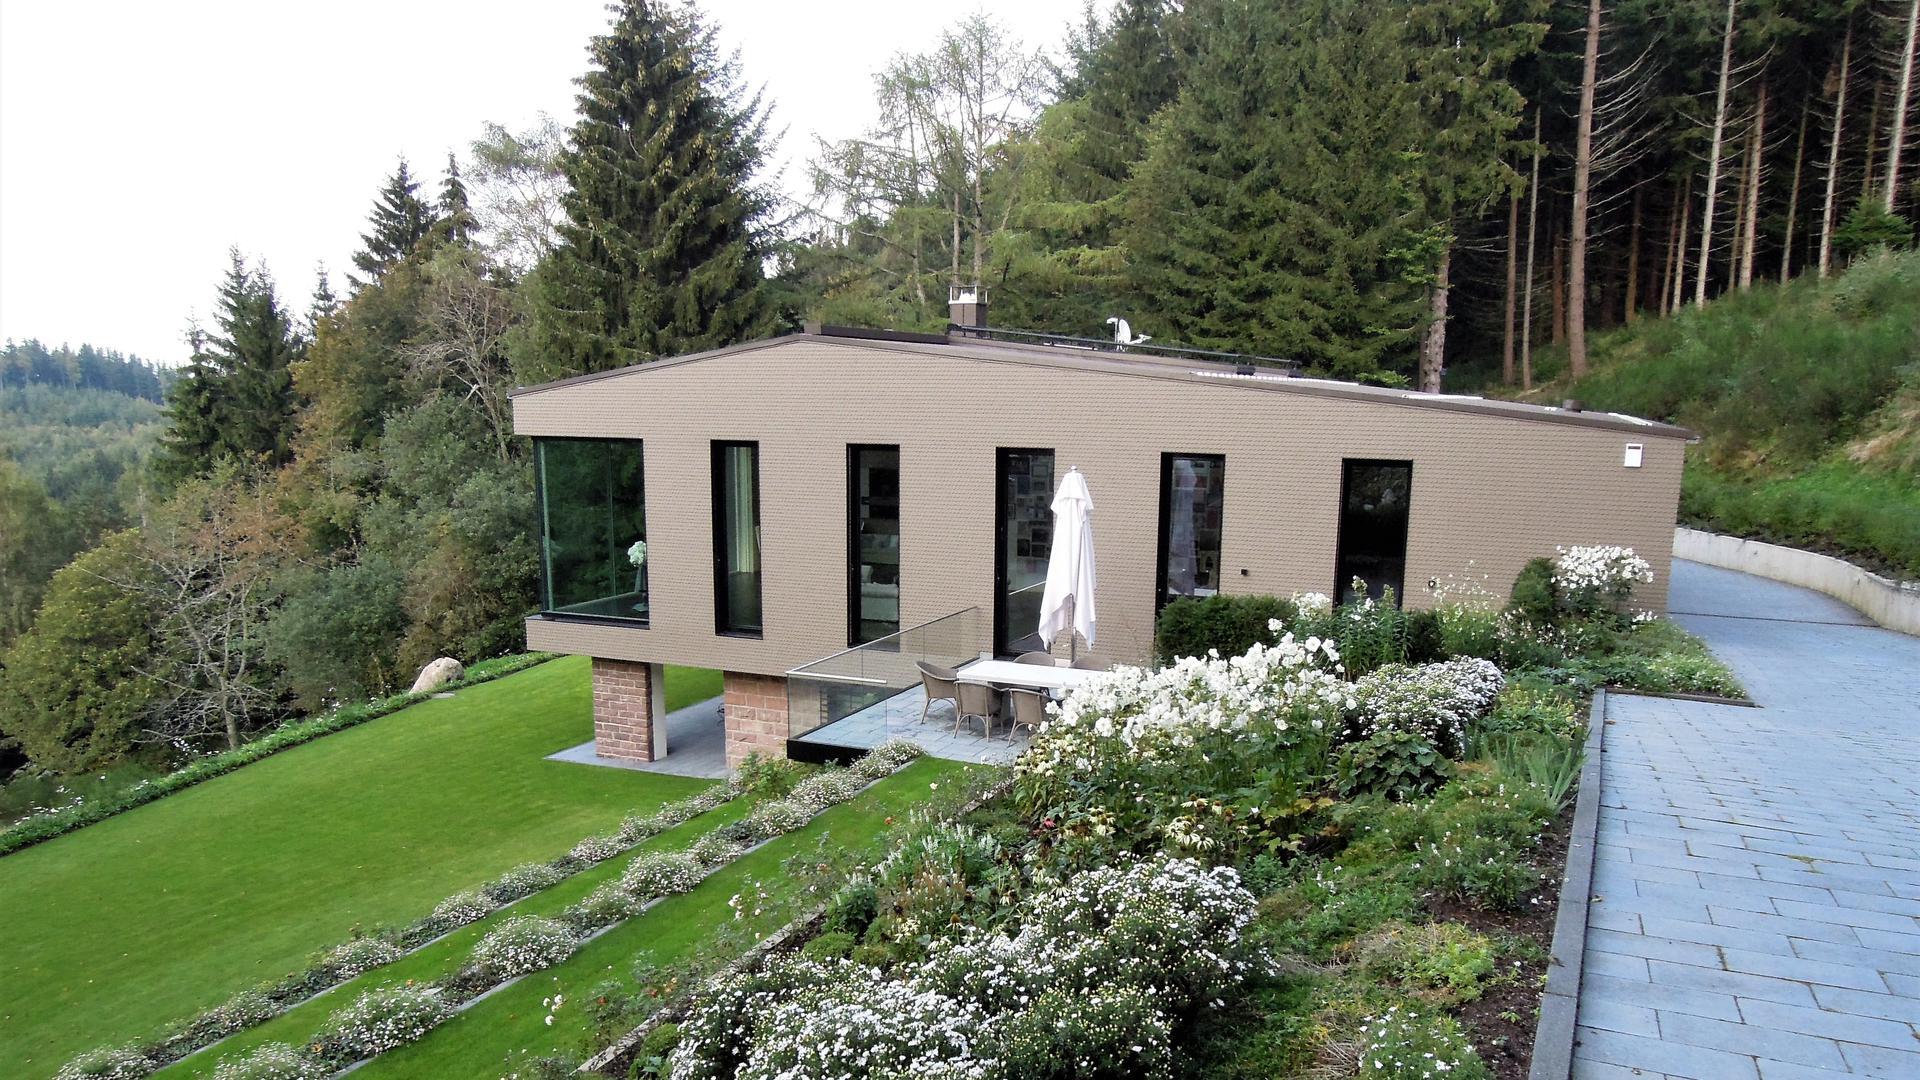 Das Wohnhaus eines Kunstsammlers im Schwarzwald hat der Bühler Architekt Thomas Bechtold entworfen.